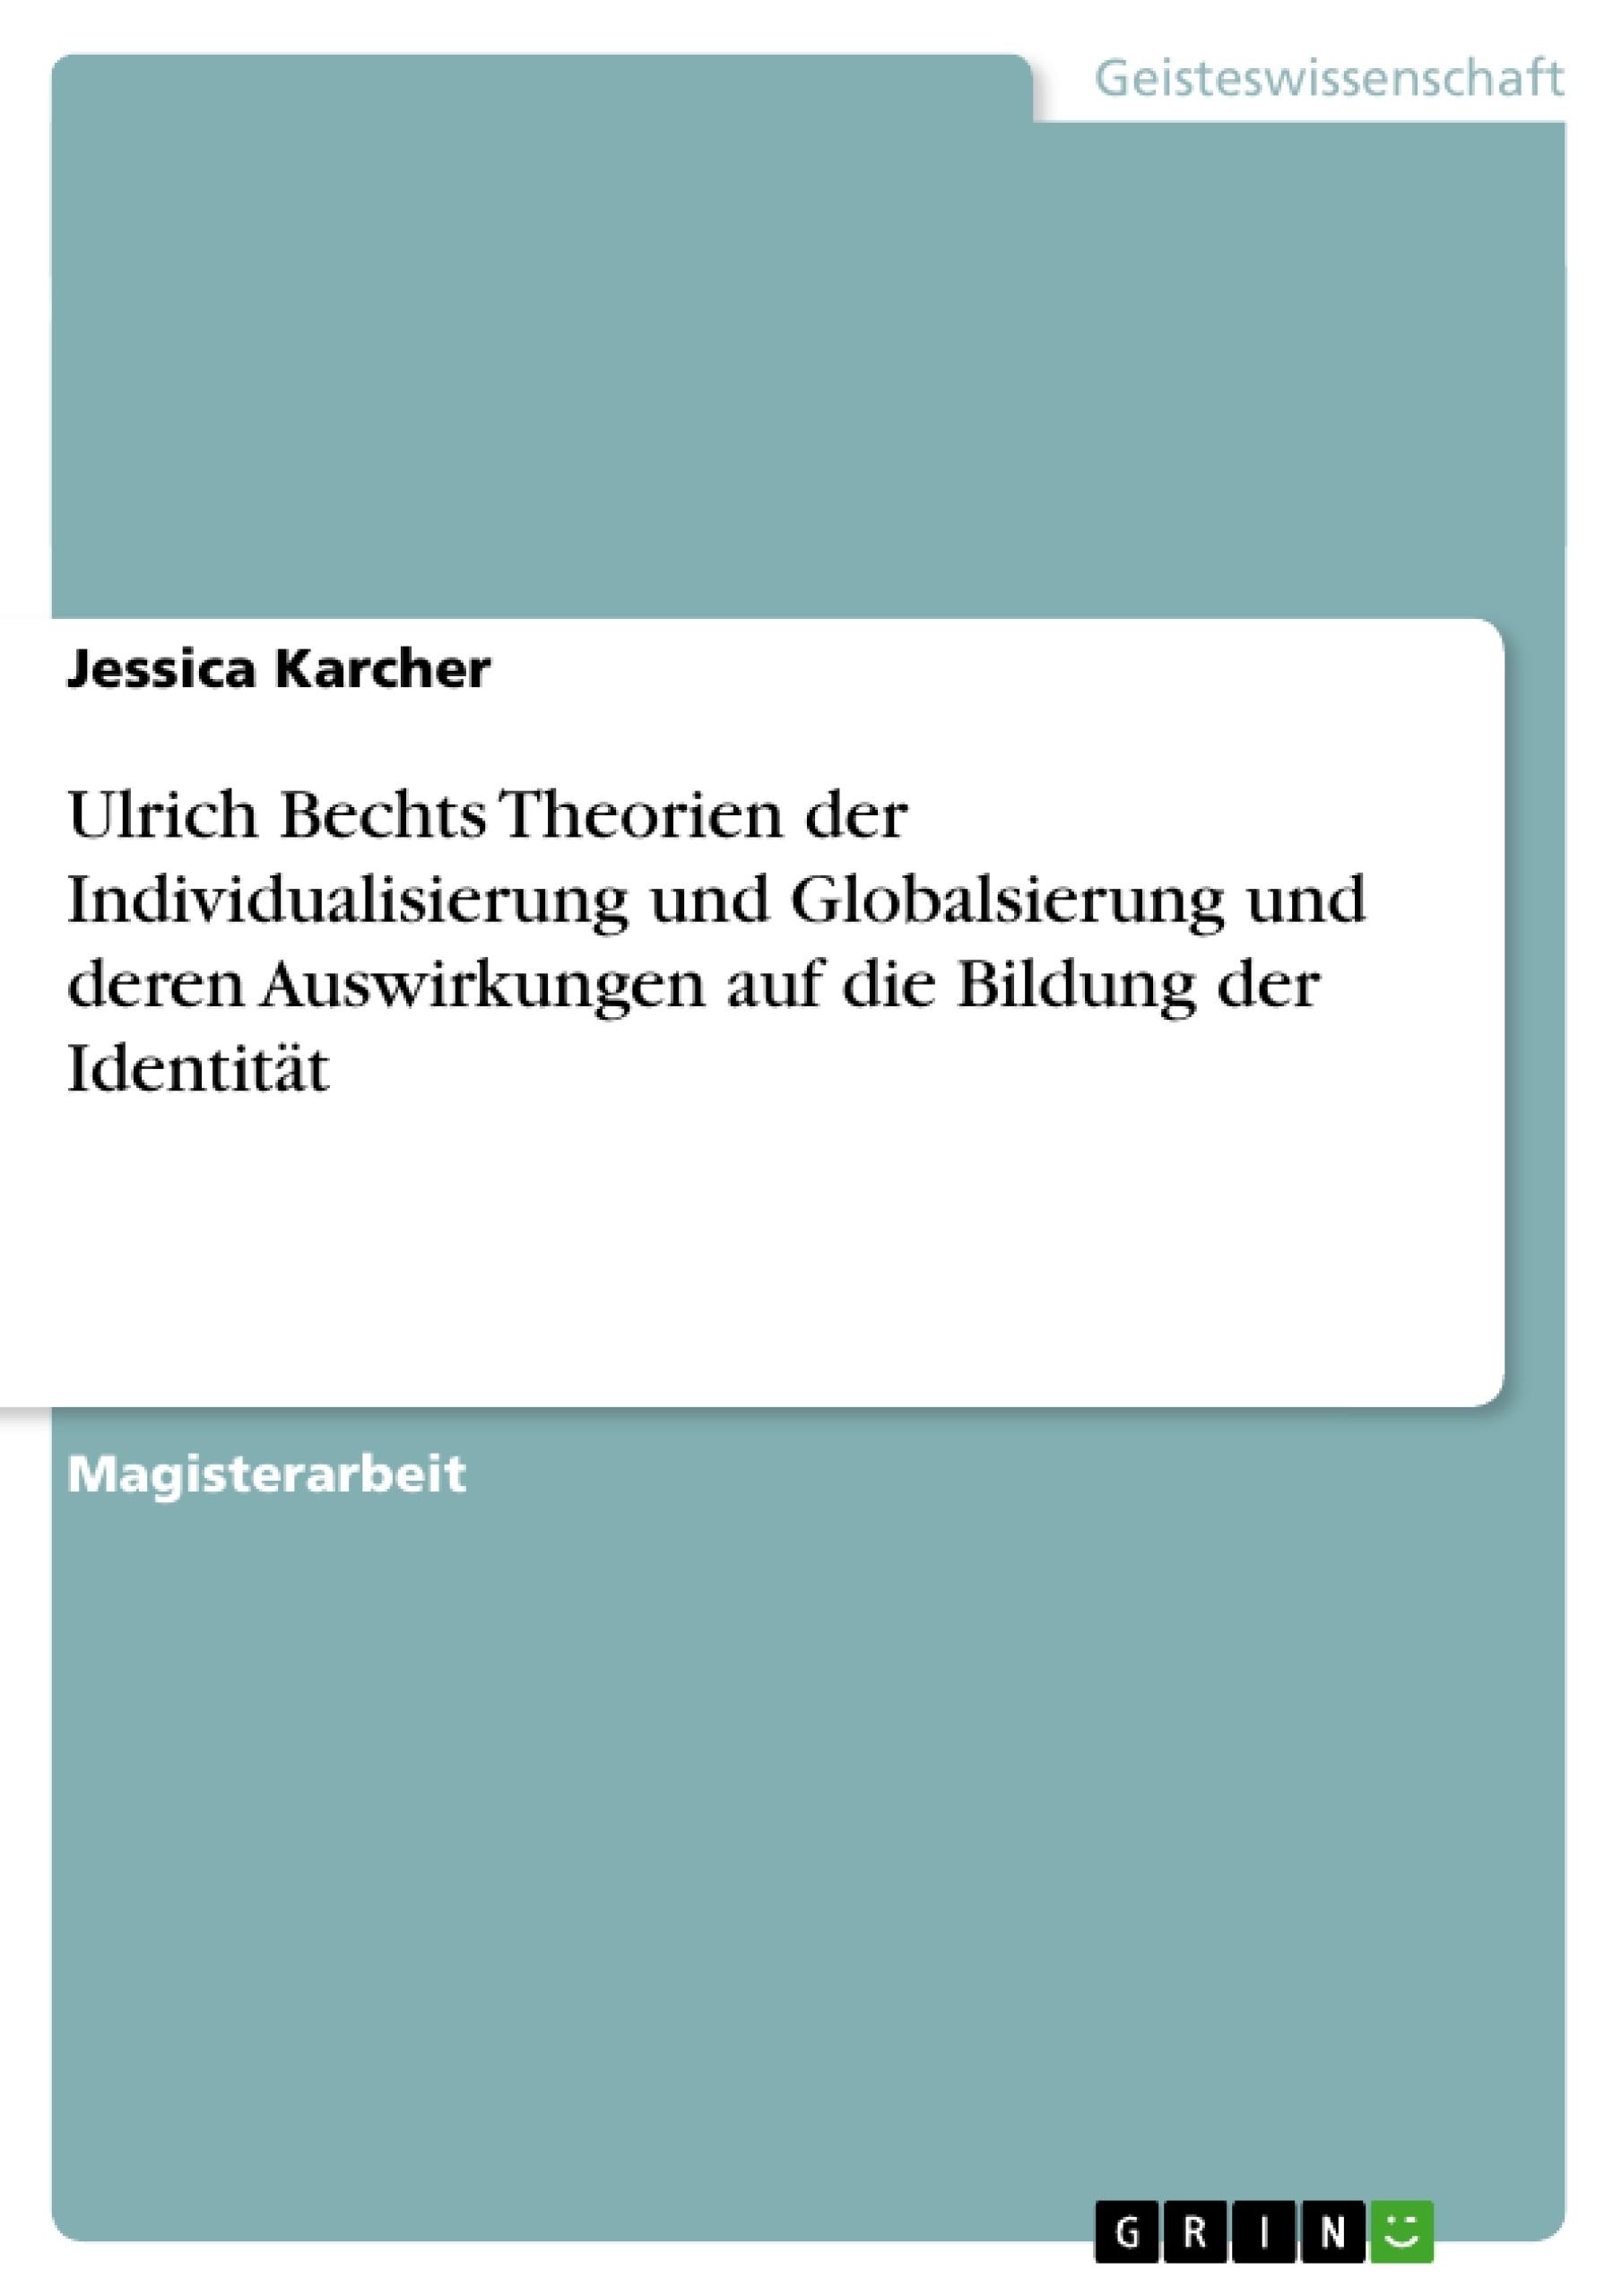 Titel: Ulrich Bechts Theorien der Individualisierung und Globalsierung und deren Auswirkungen auf die Bildung der Identität